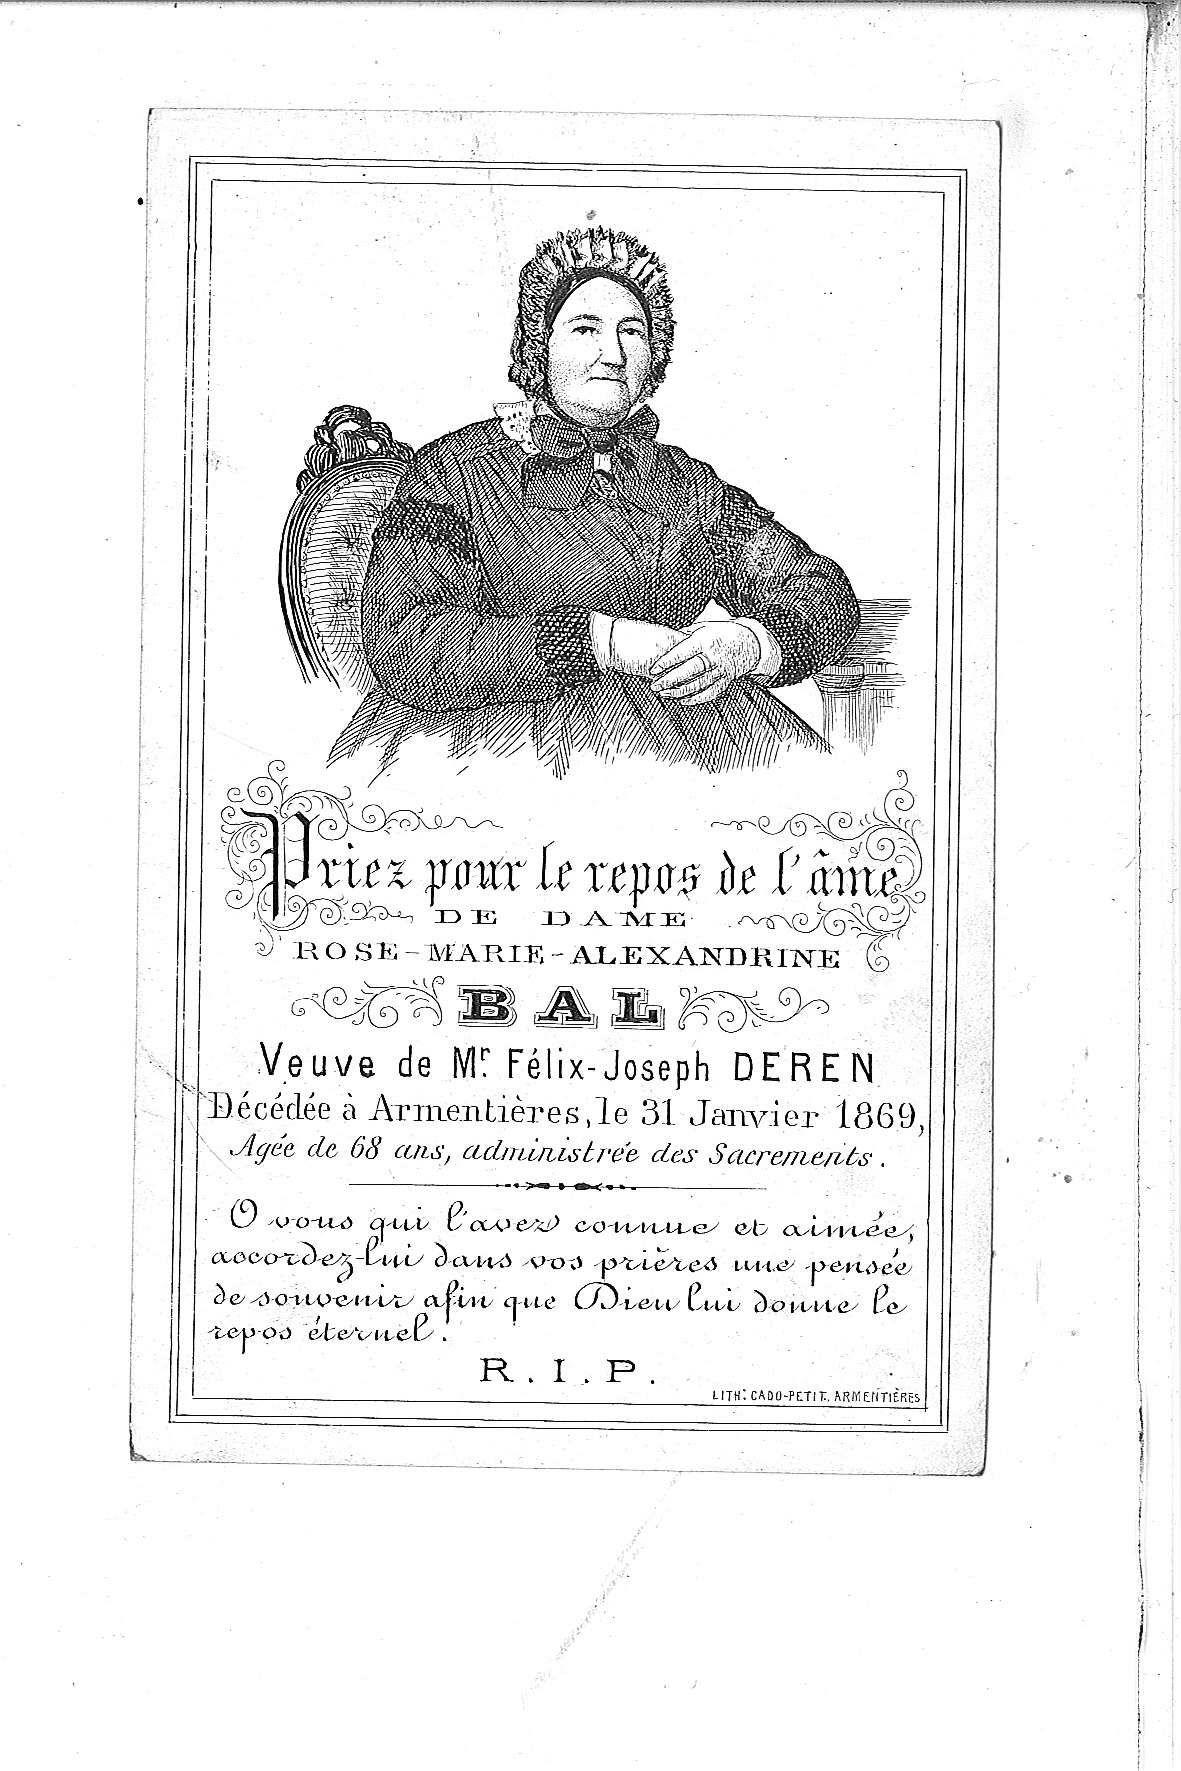 Rose-Marie-Alexandrine(1869)20101006151440_00018.jpg